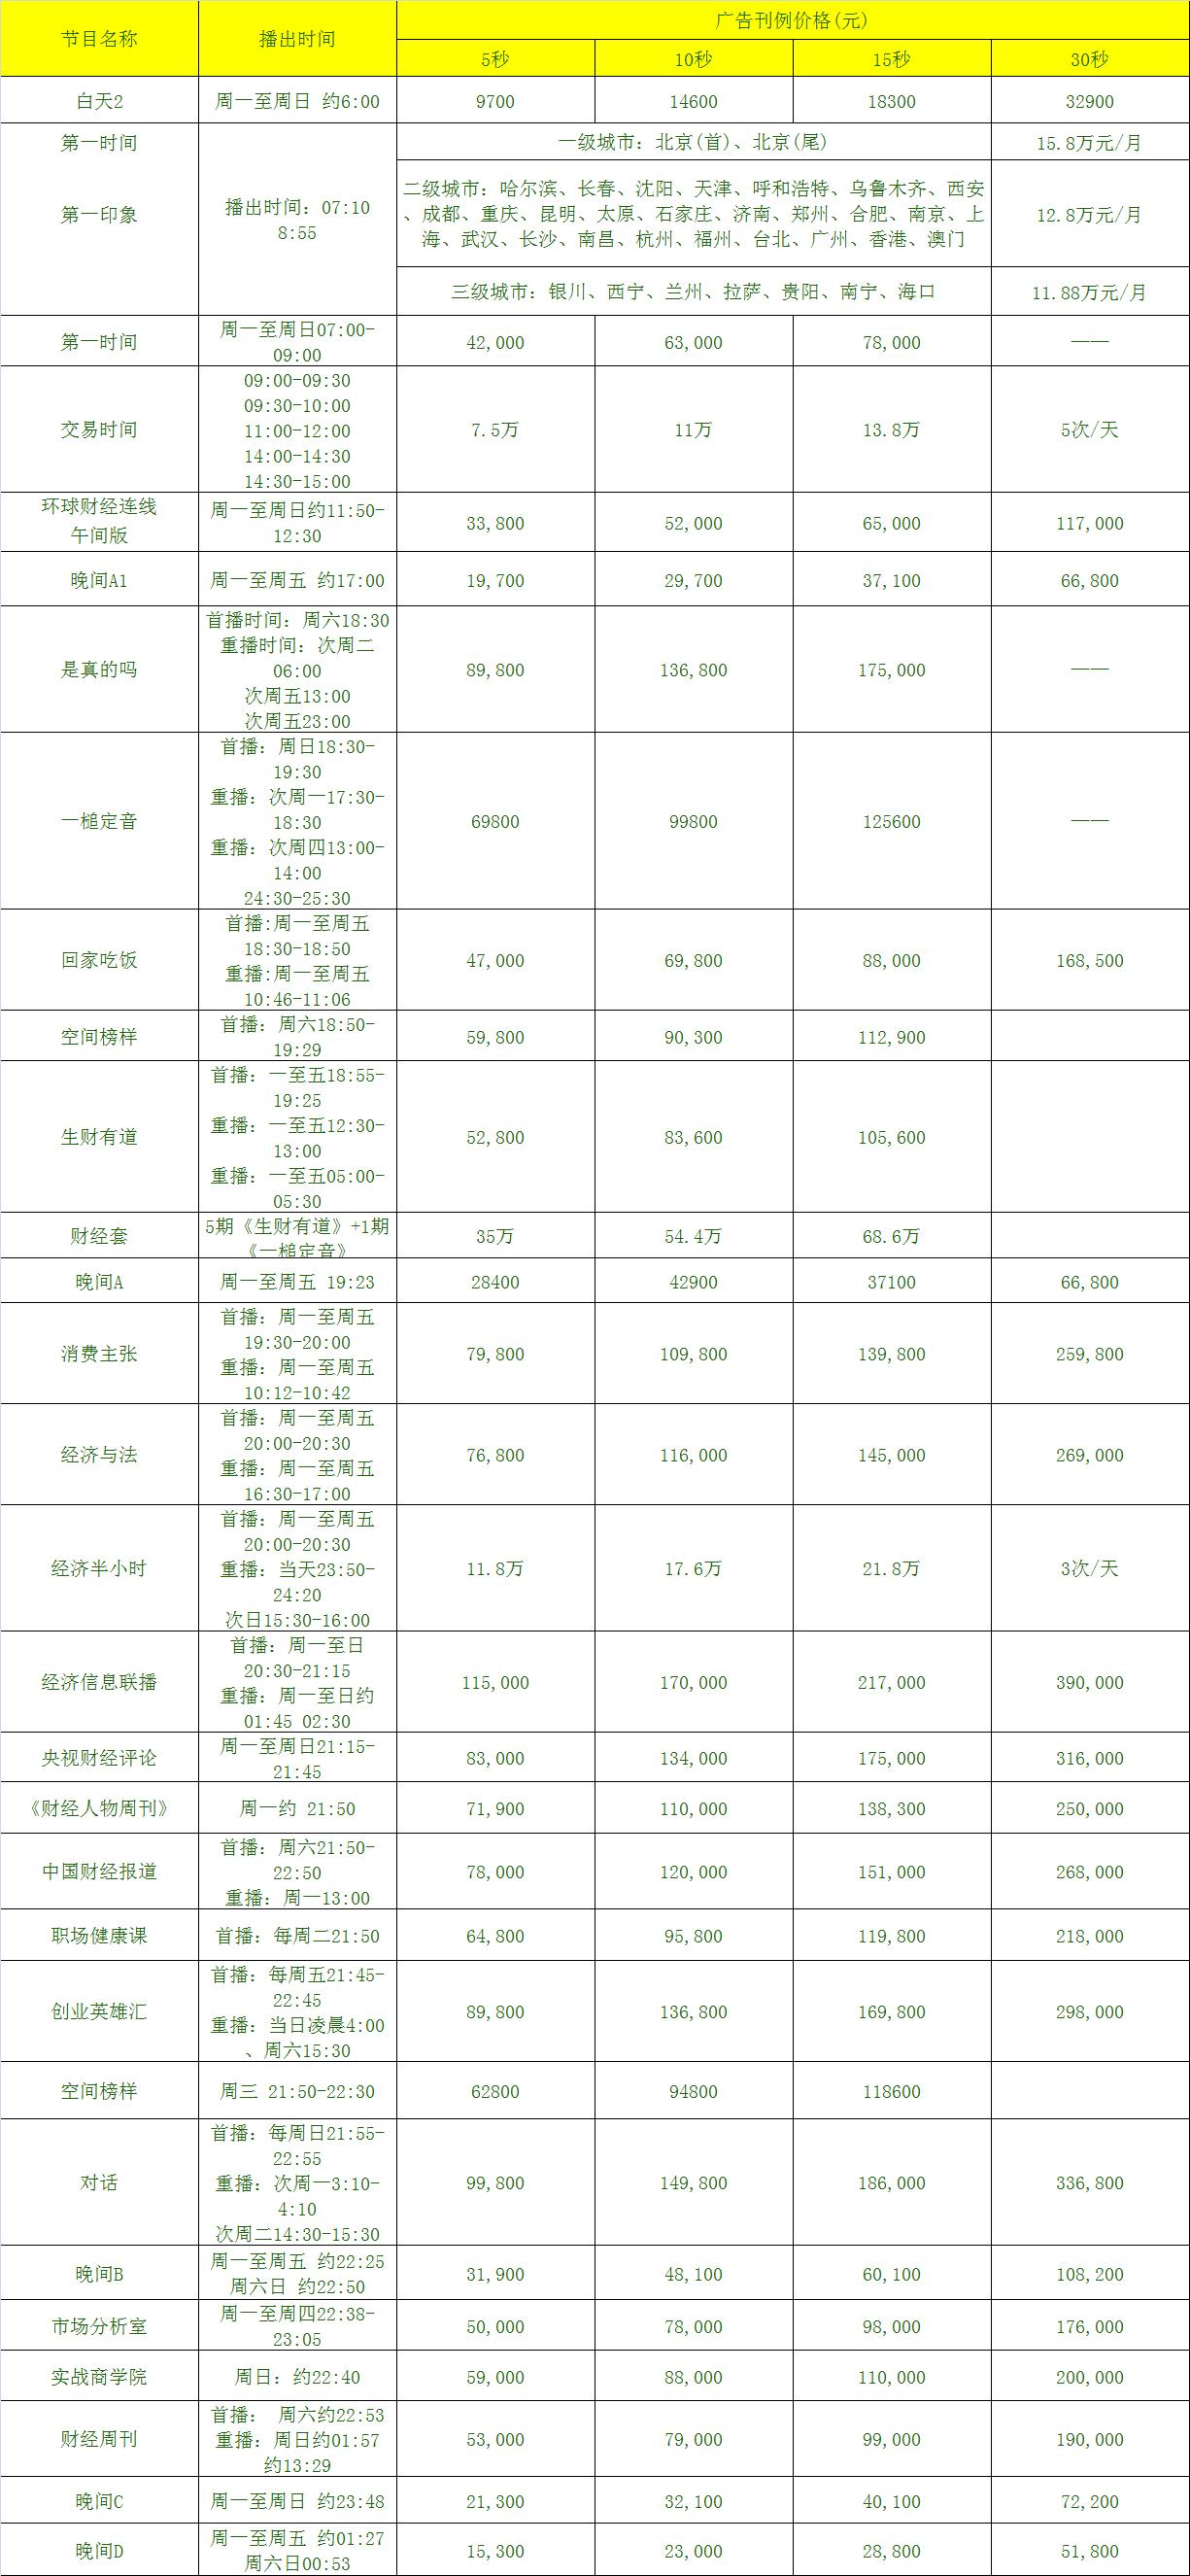 2018年CCTV-2财经频道 广告刊例价格